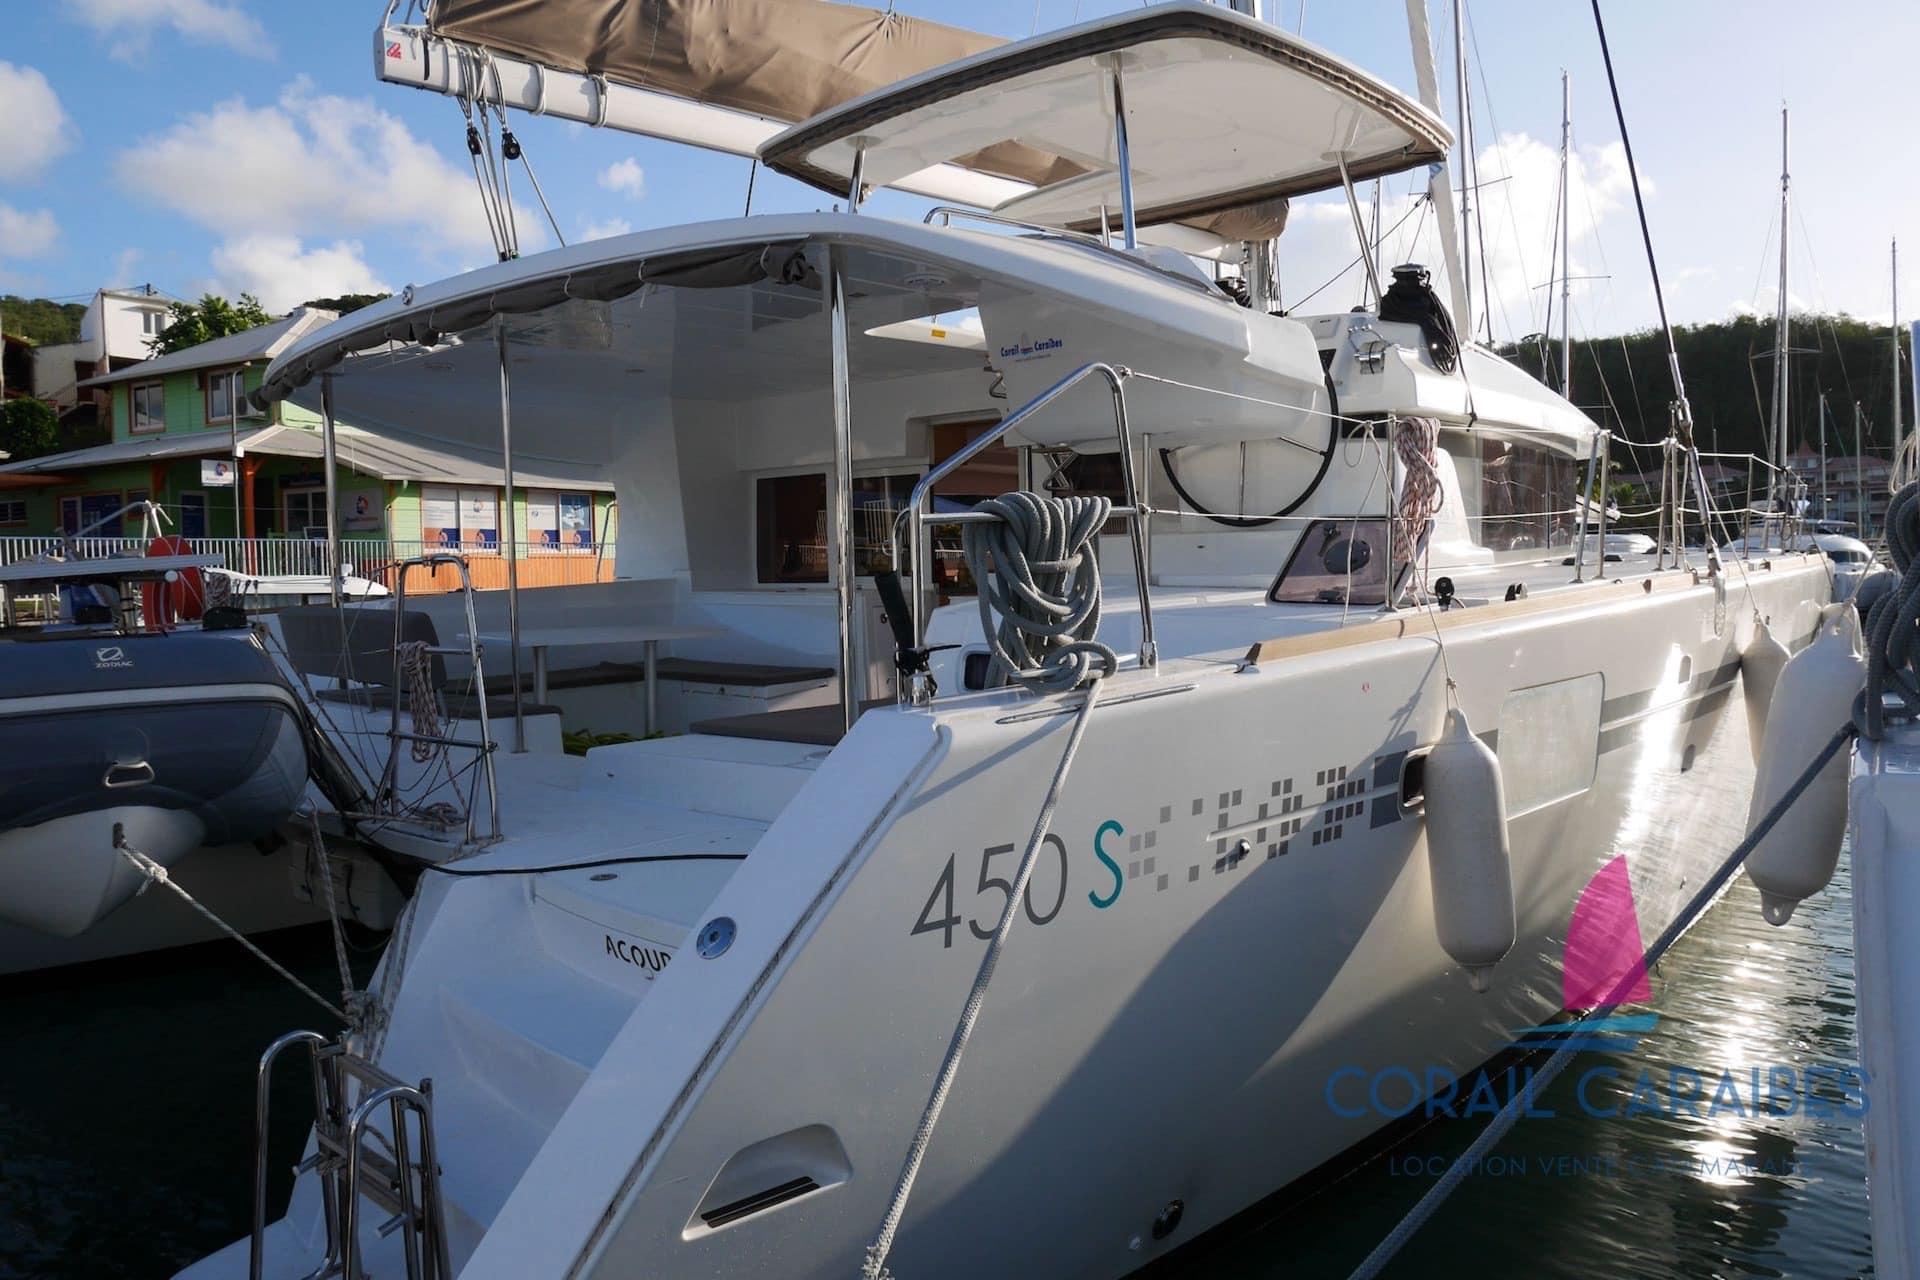 Lagoon-450-Sportop-Corail-Caraibes-3